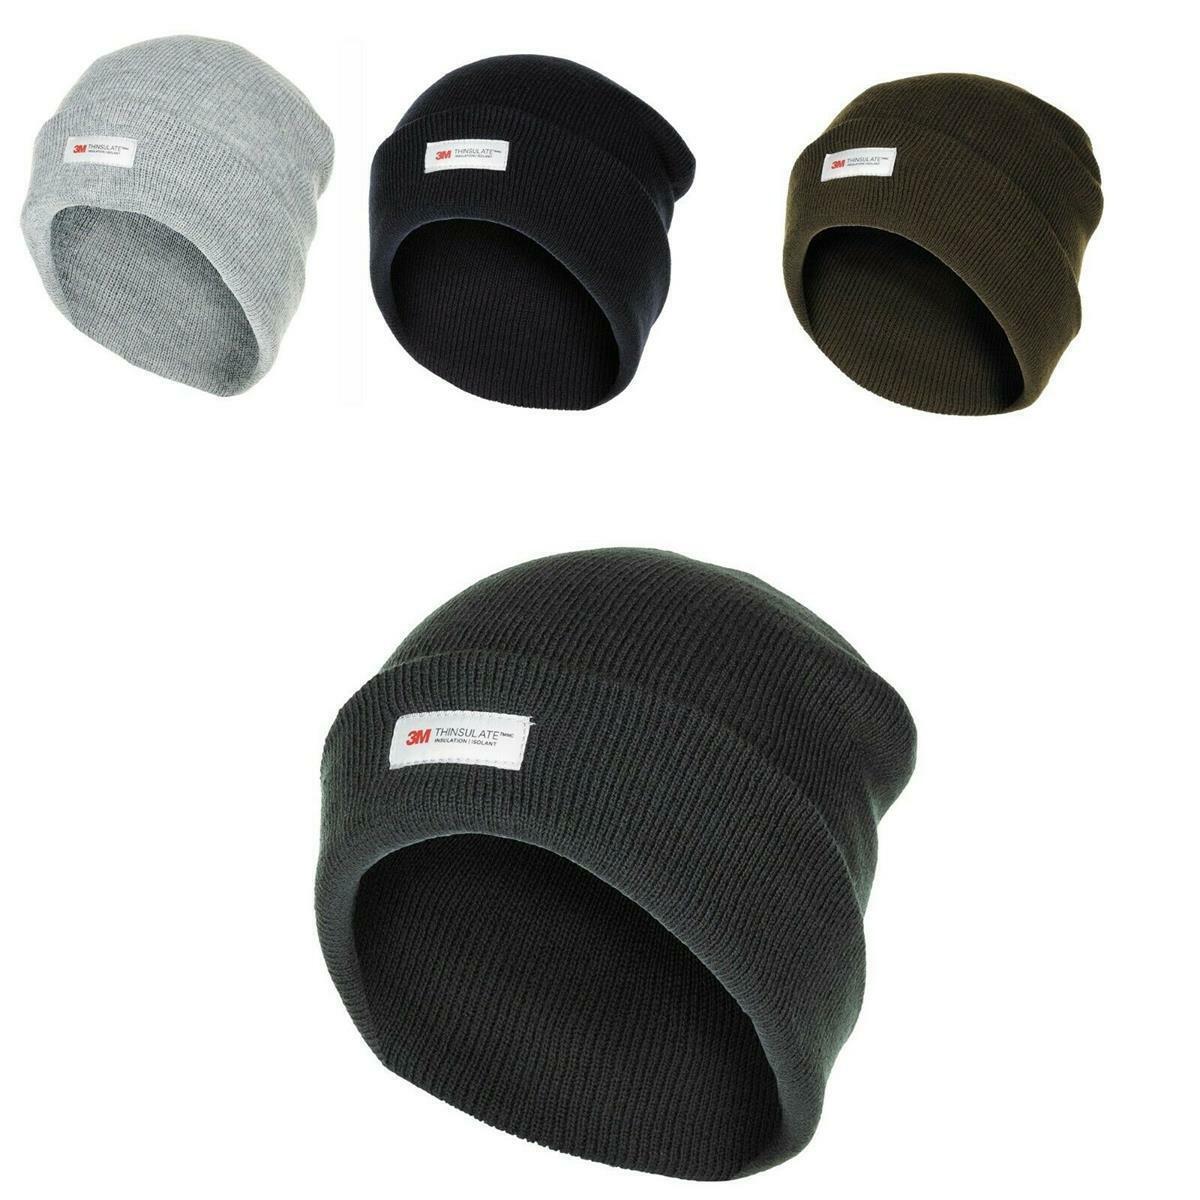 Herren Rollmütze 3M™ Thinsulate™ Insulation grau, anthrazit, blau, schwarz